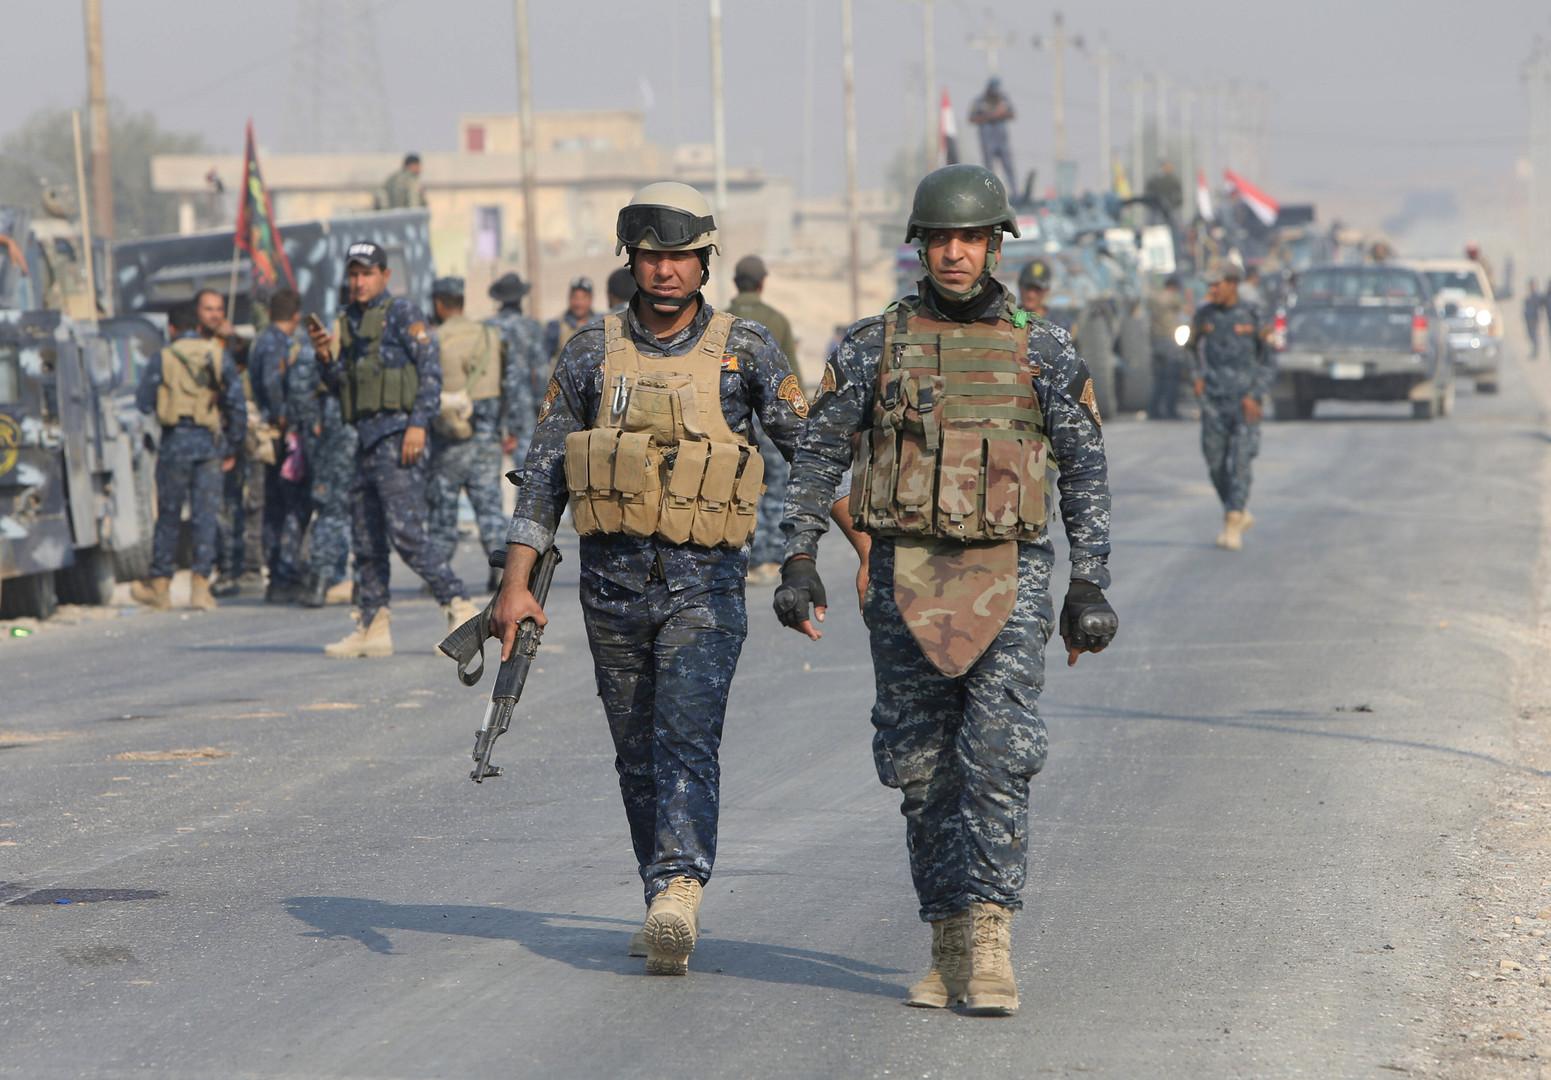 قوات الشرطة الاتحادية العراقية في ضواحي الموصل